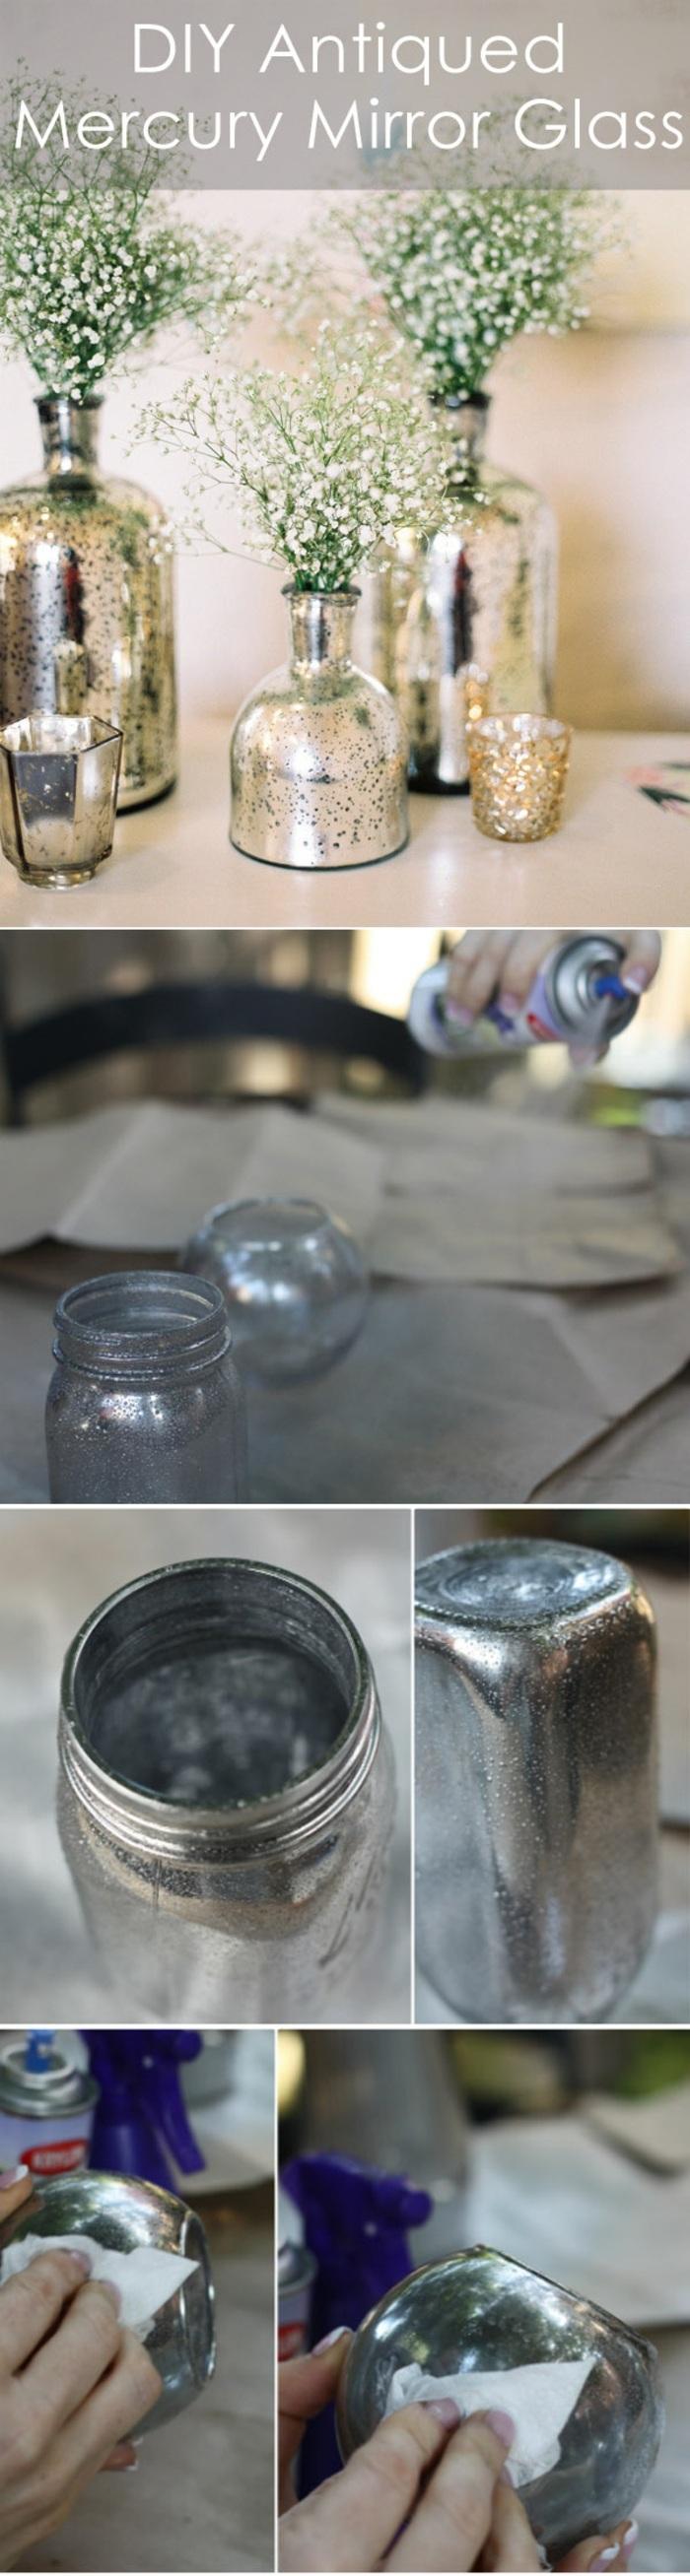 dekoration selber machen, glasvasen mit silberner sprayfarbe verzieren